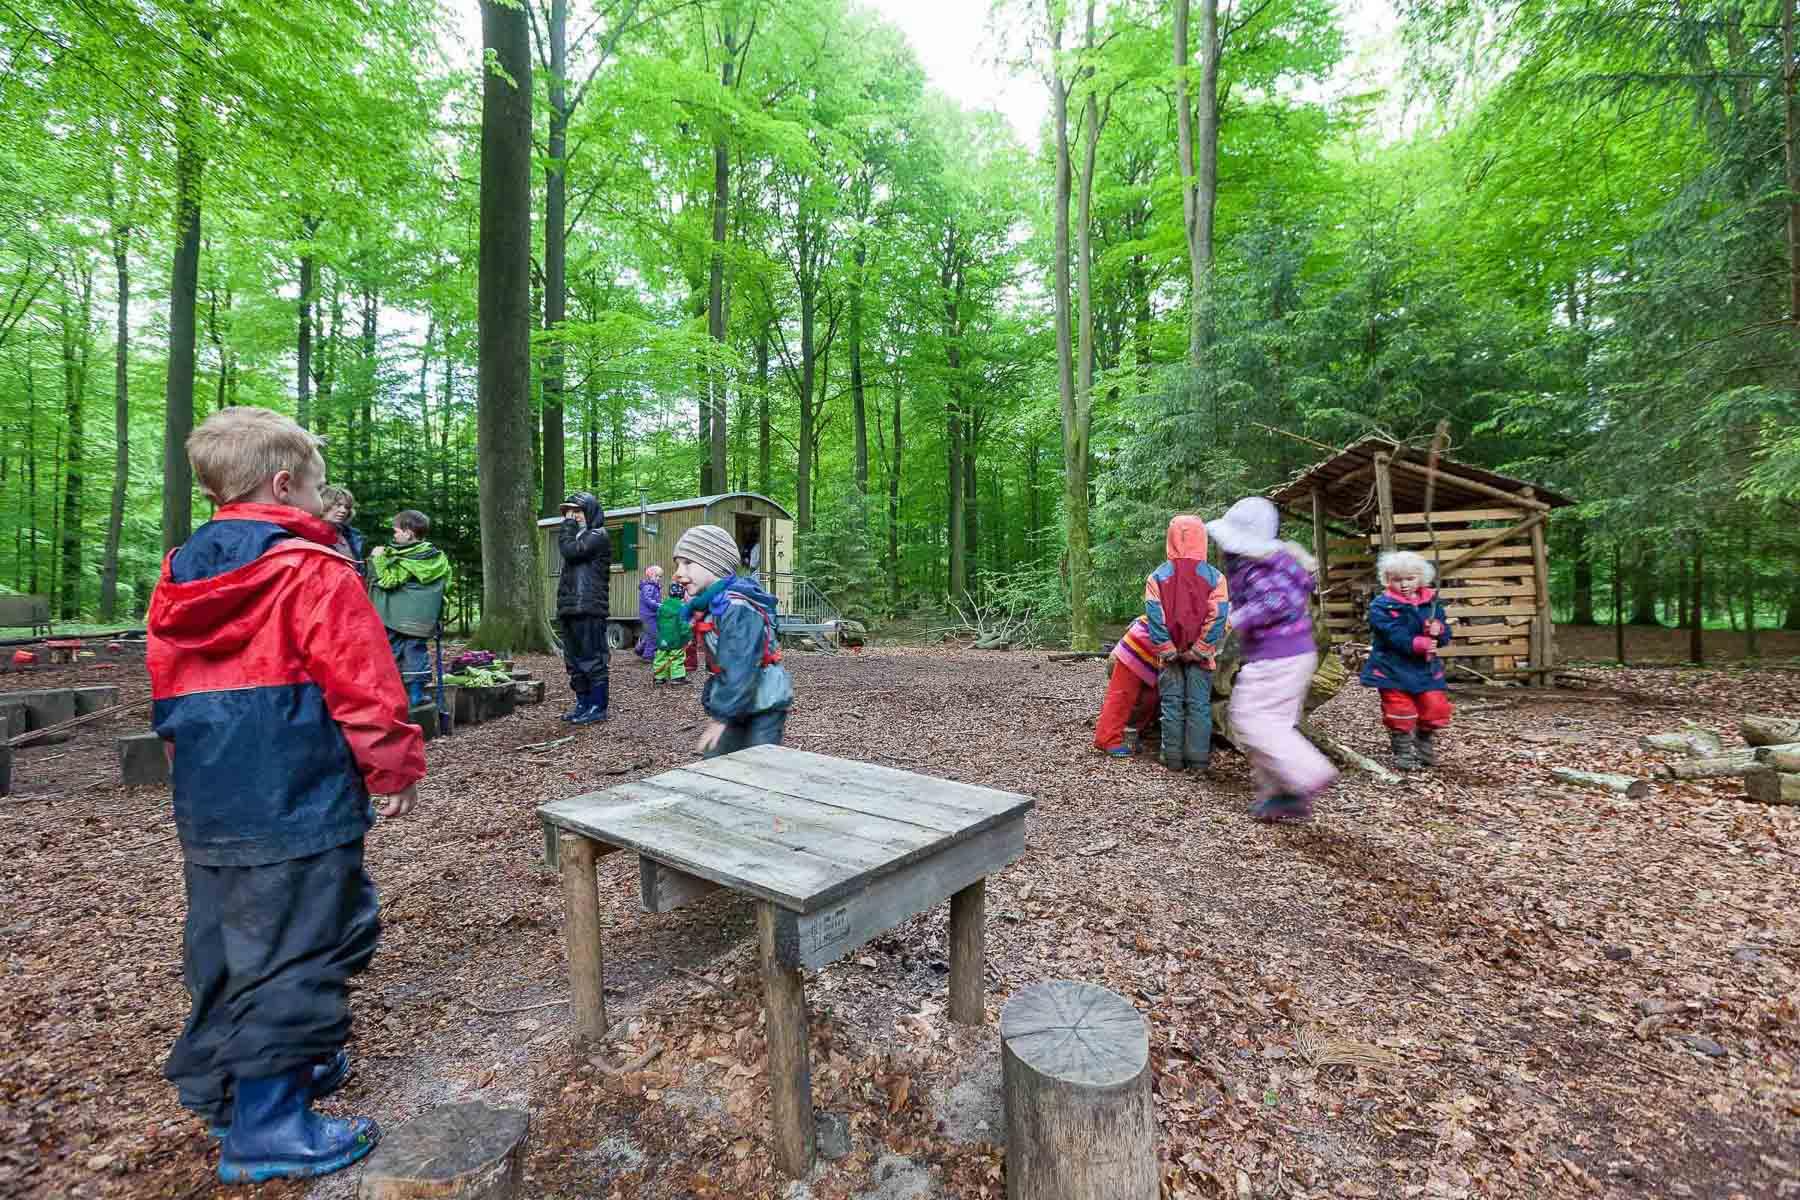 Bokhorster Waldkinder müssen vorerst nicht umziehen